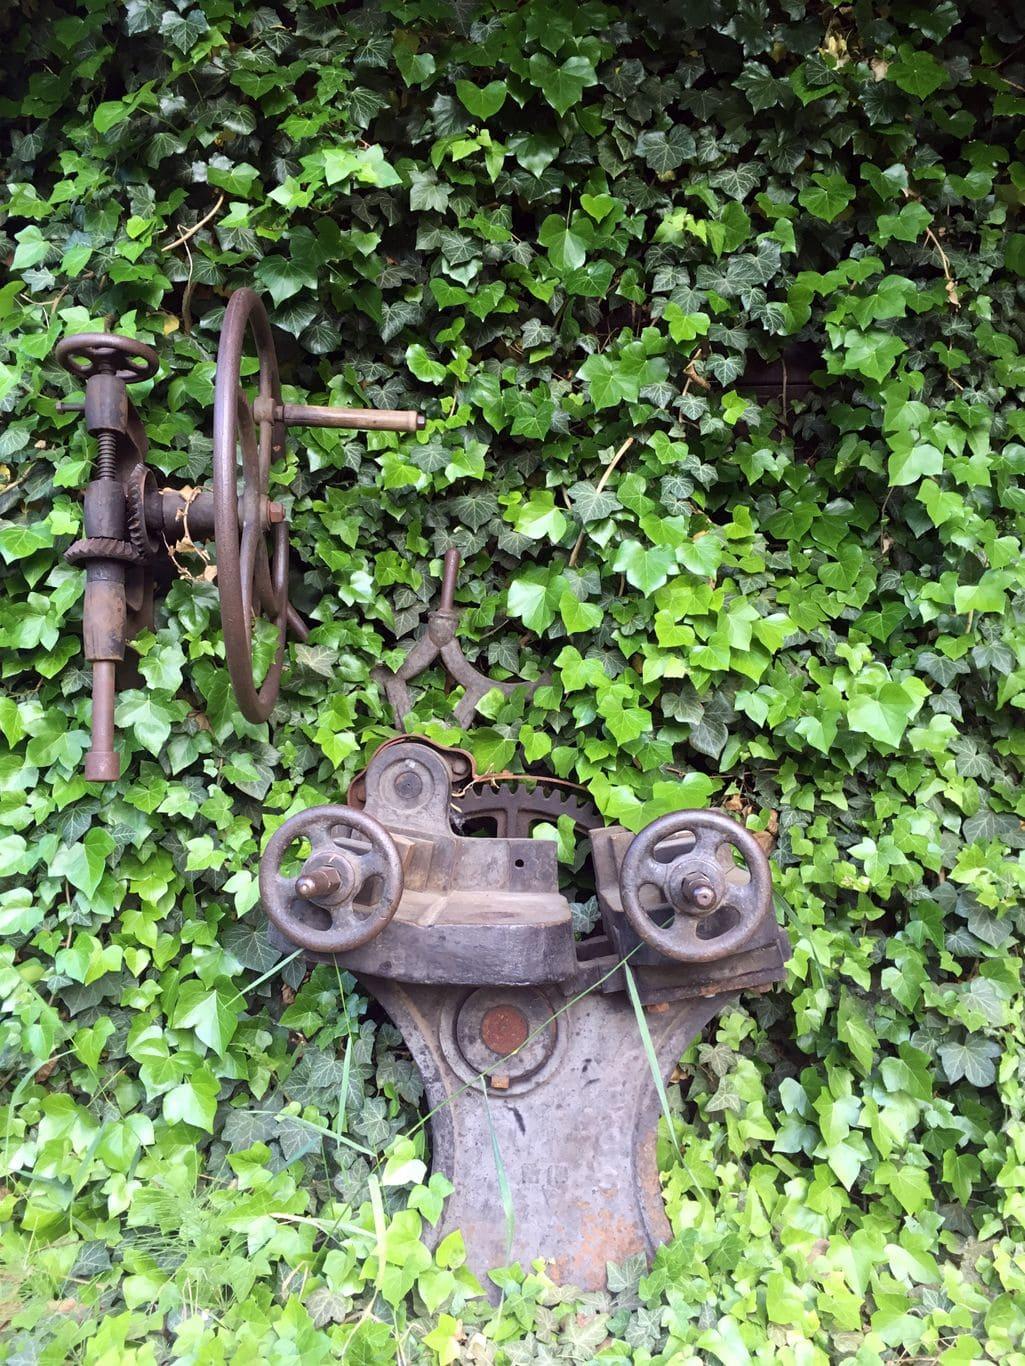 Muzeum kowalstwa - maszyna do wyginania metalu